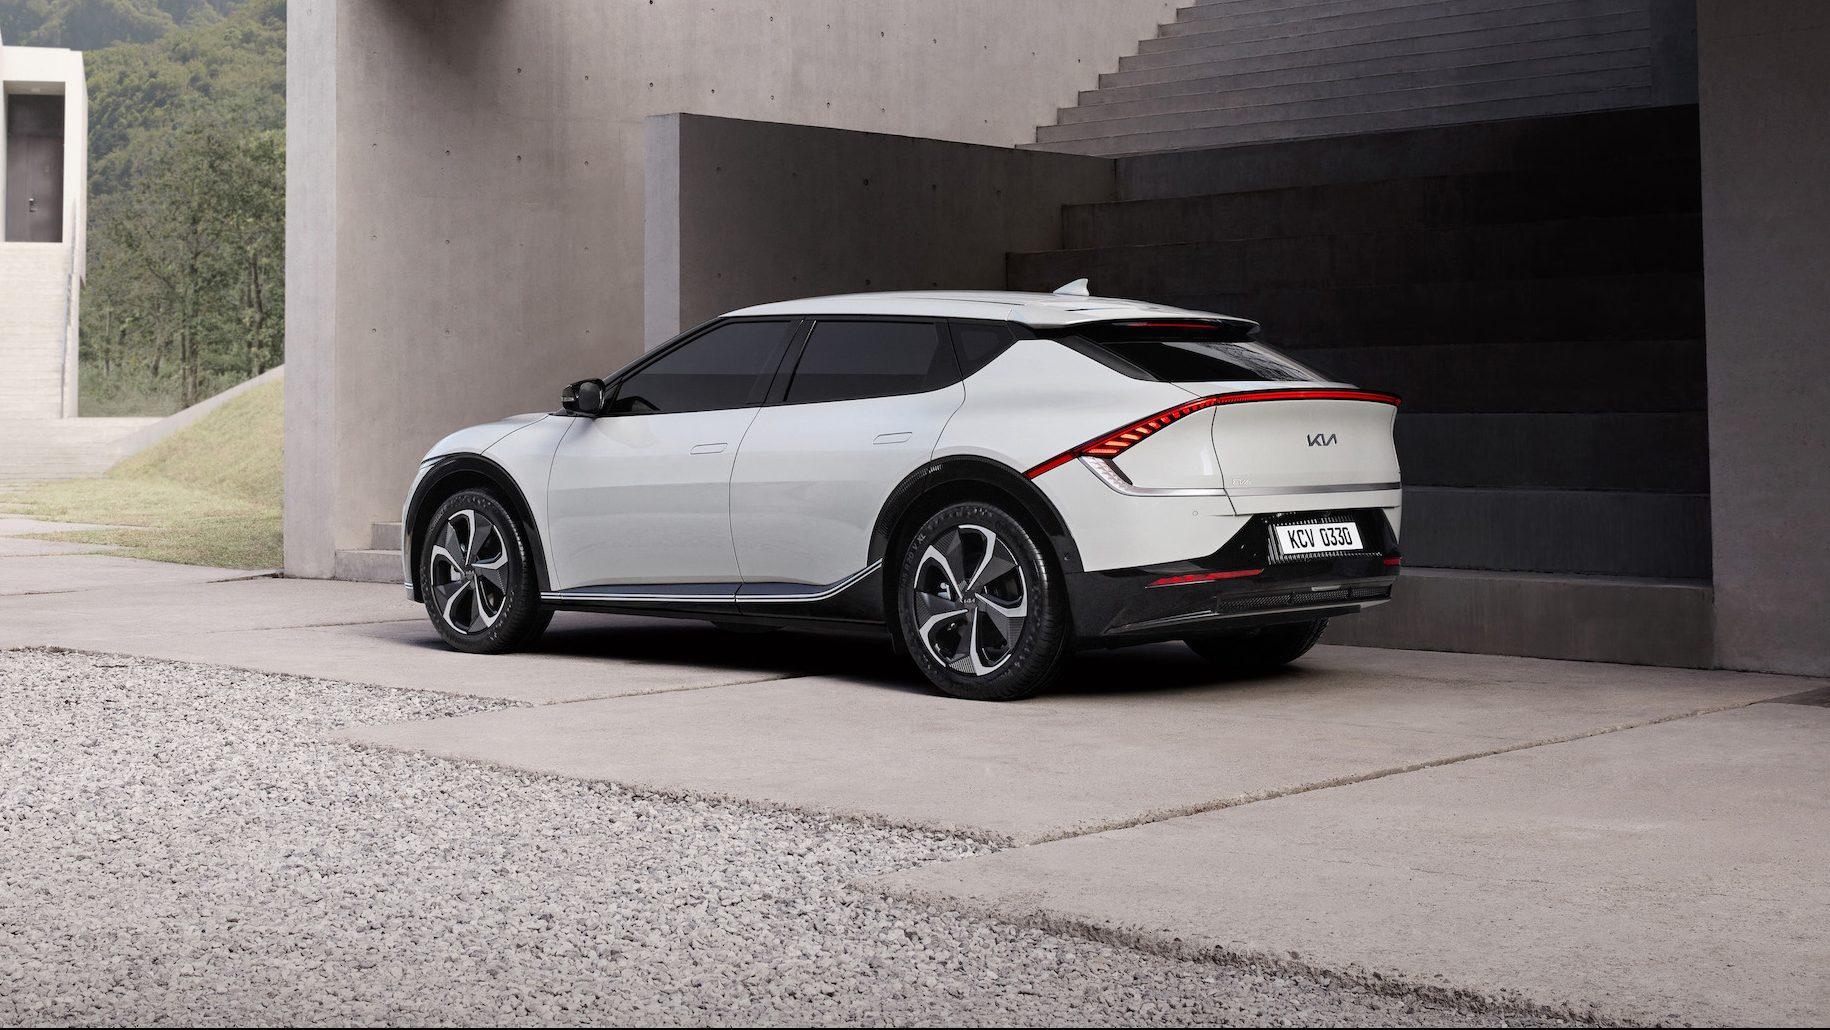 Kia prezintă primele imagini ale noii mașini electrice EV6